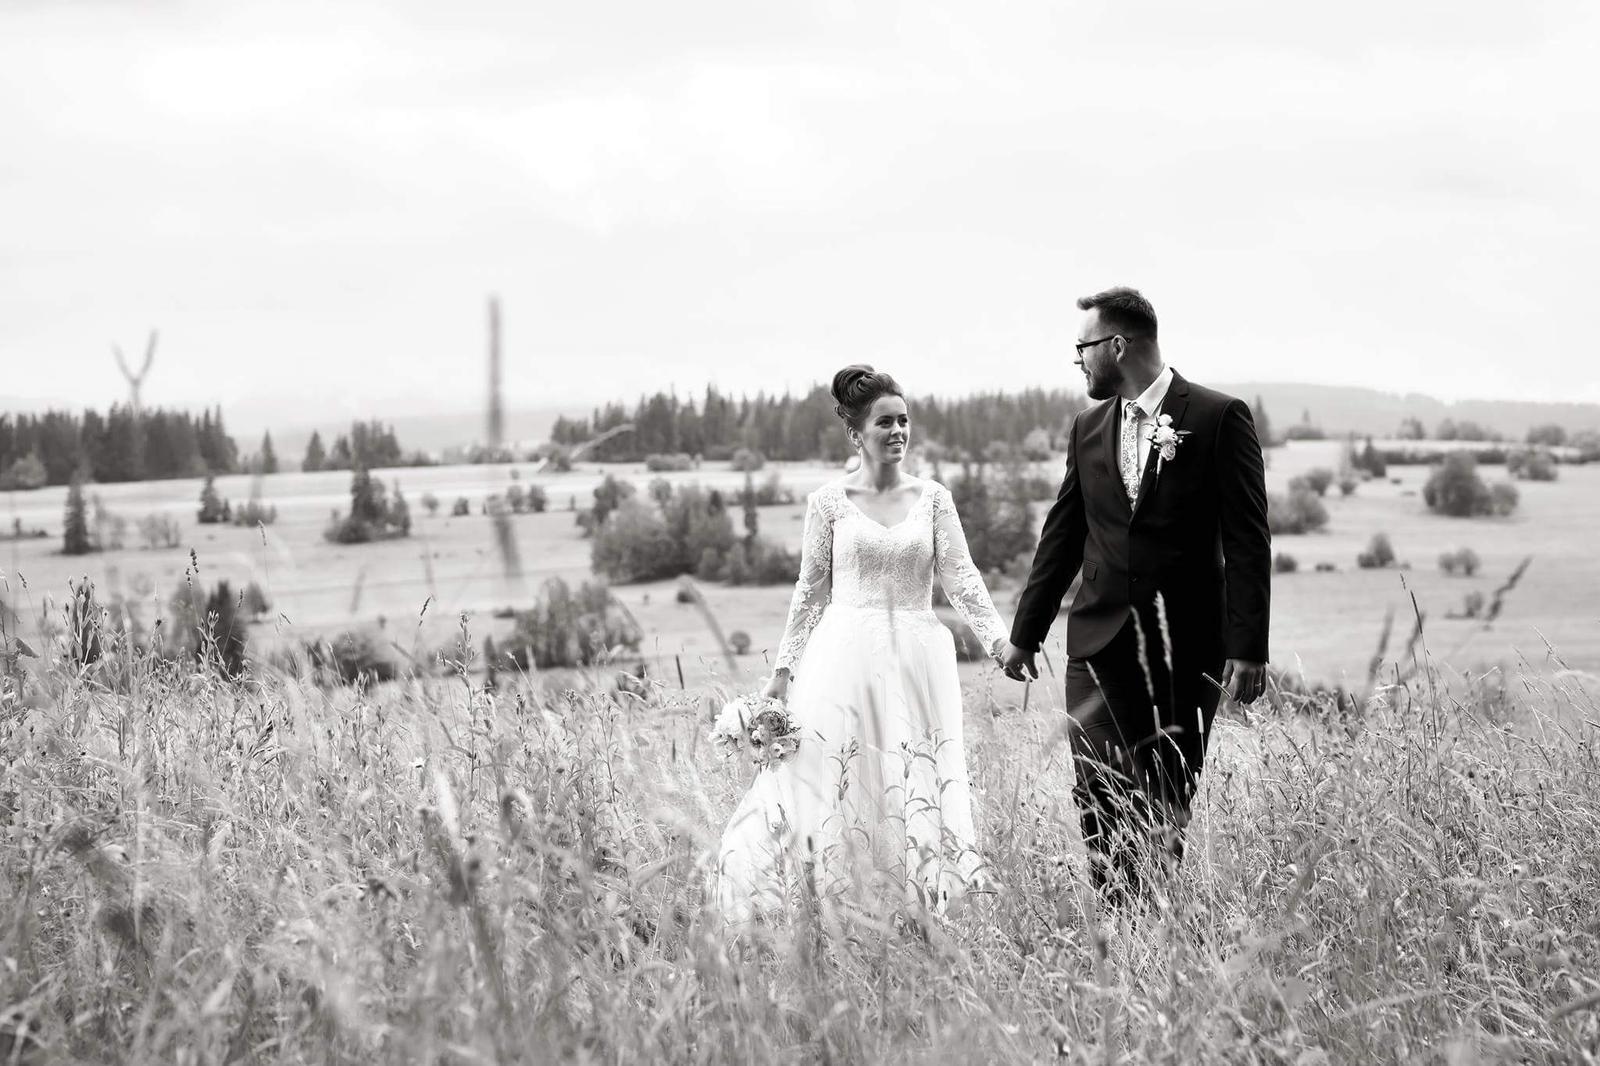 Naša svadba 23.06.2018 ❤❤ - Obrázok č. 3